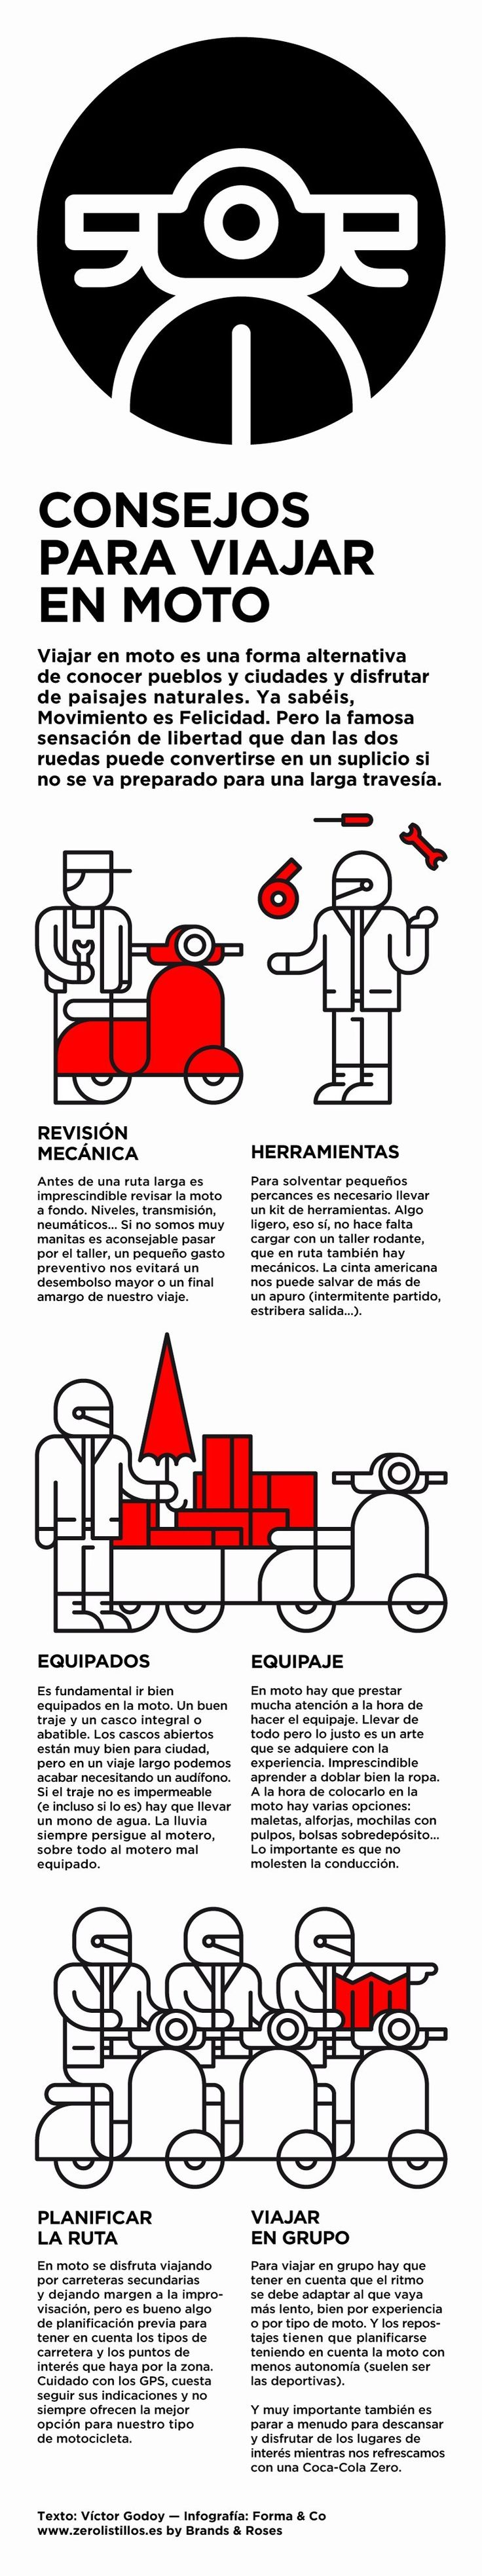 Desde qué empacar hasta a dónde viajar, estas infografías te convertirán en un viajero experto.